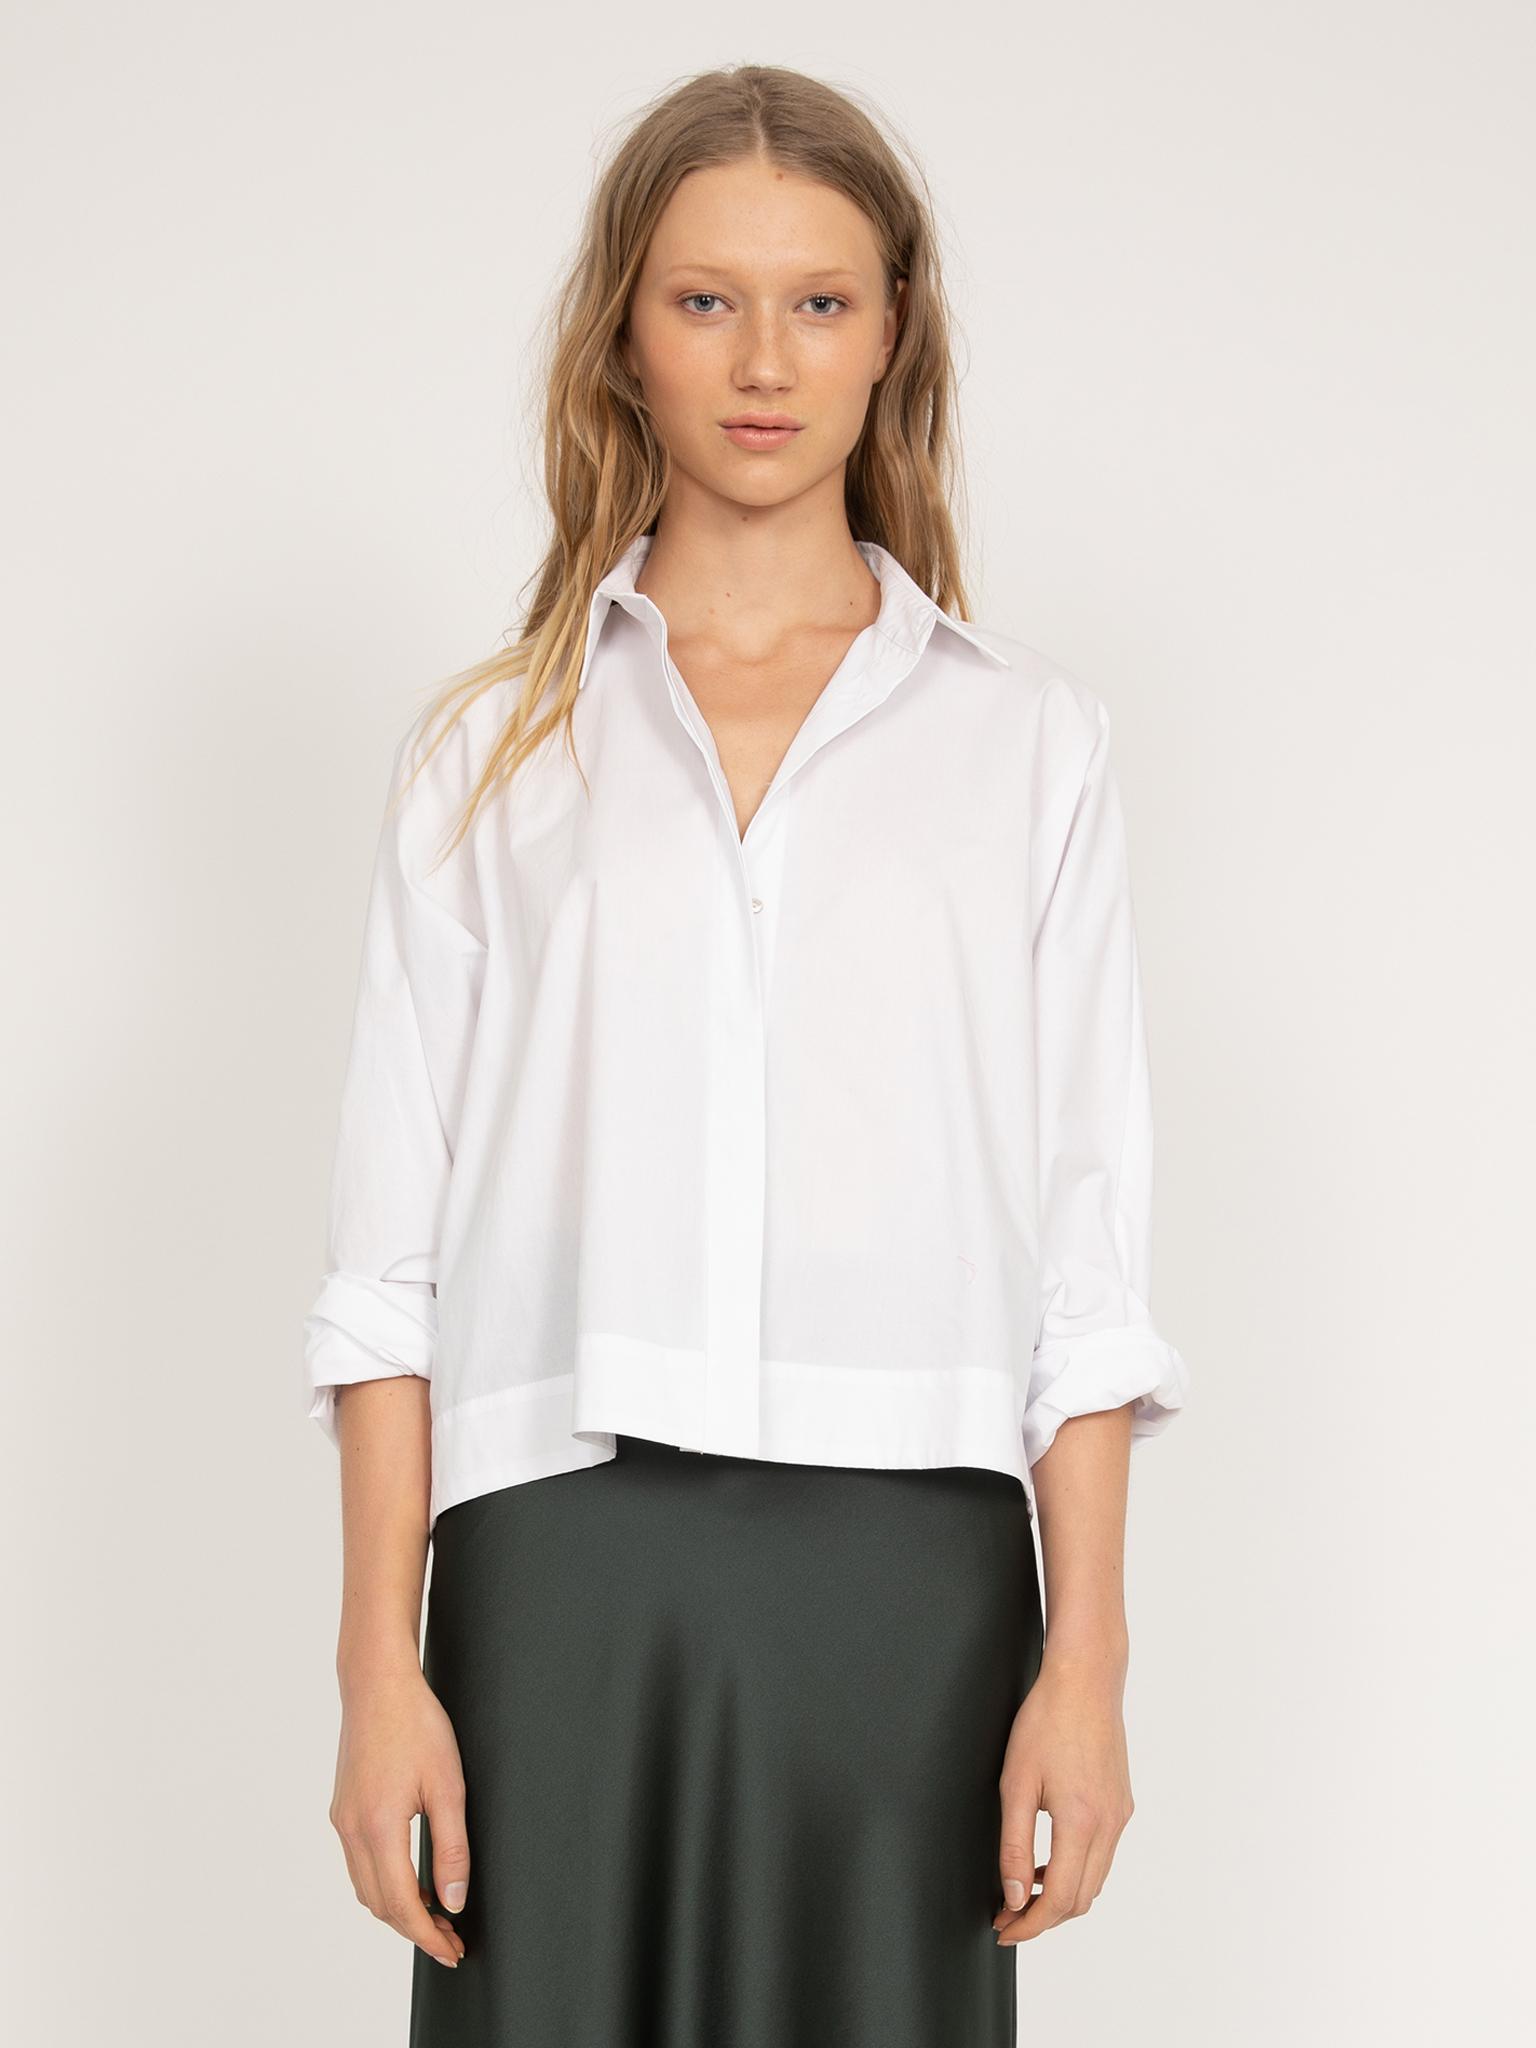 Gigi shirt - Ahlvar